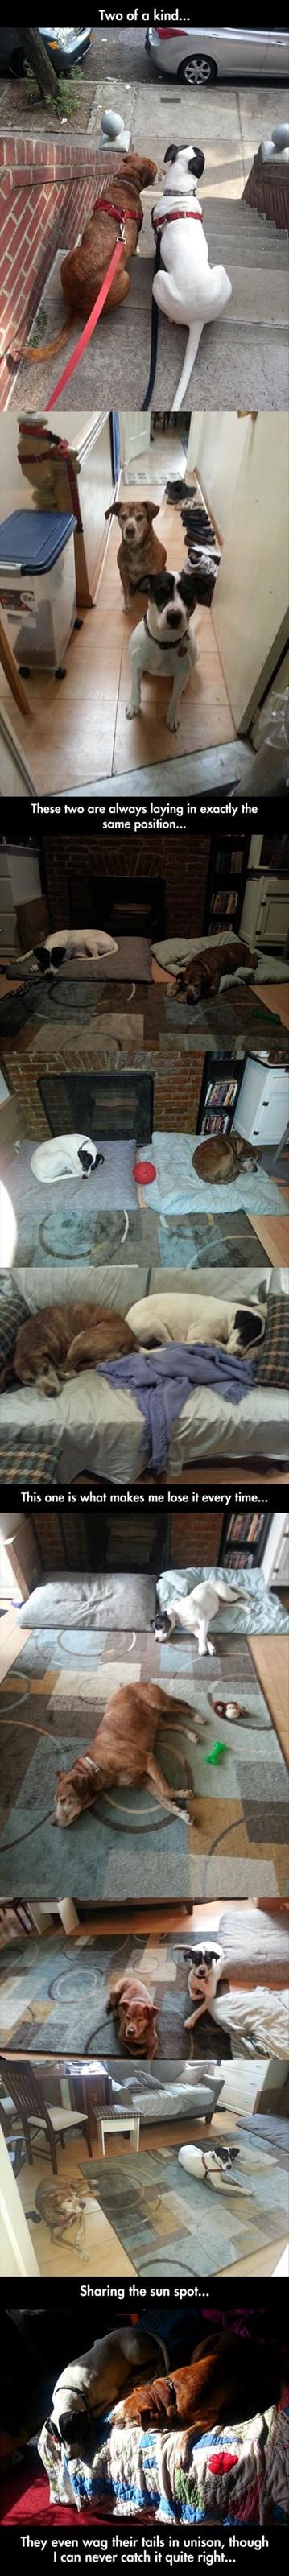 dogs friends sweet